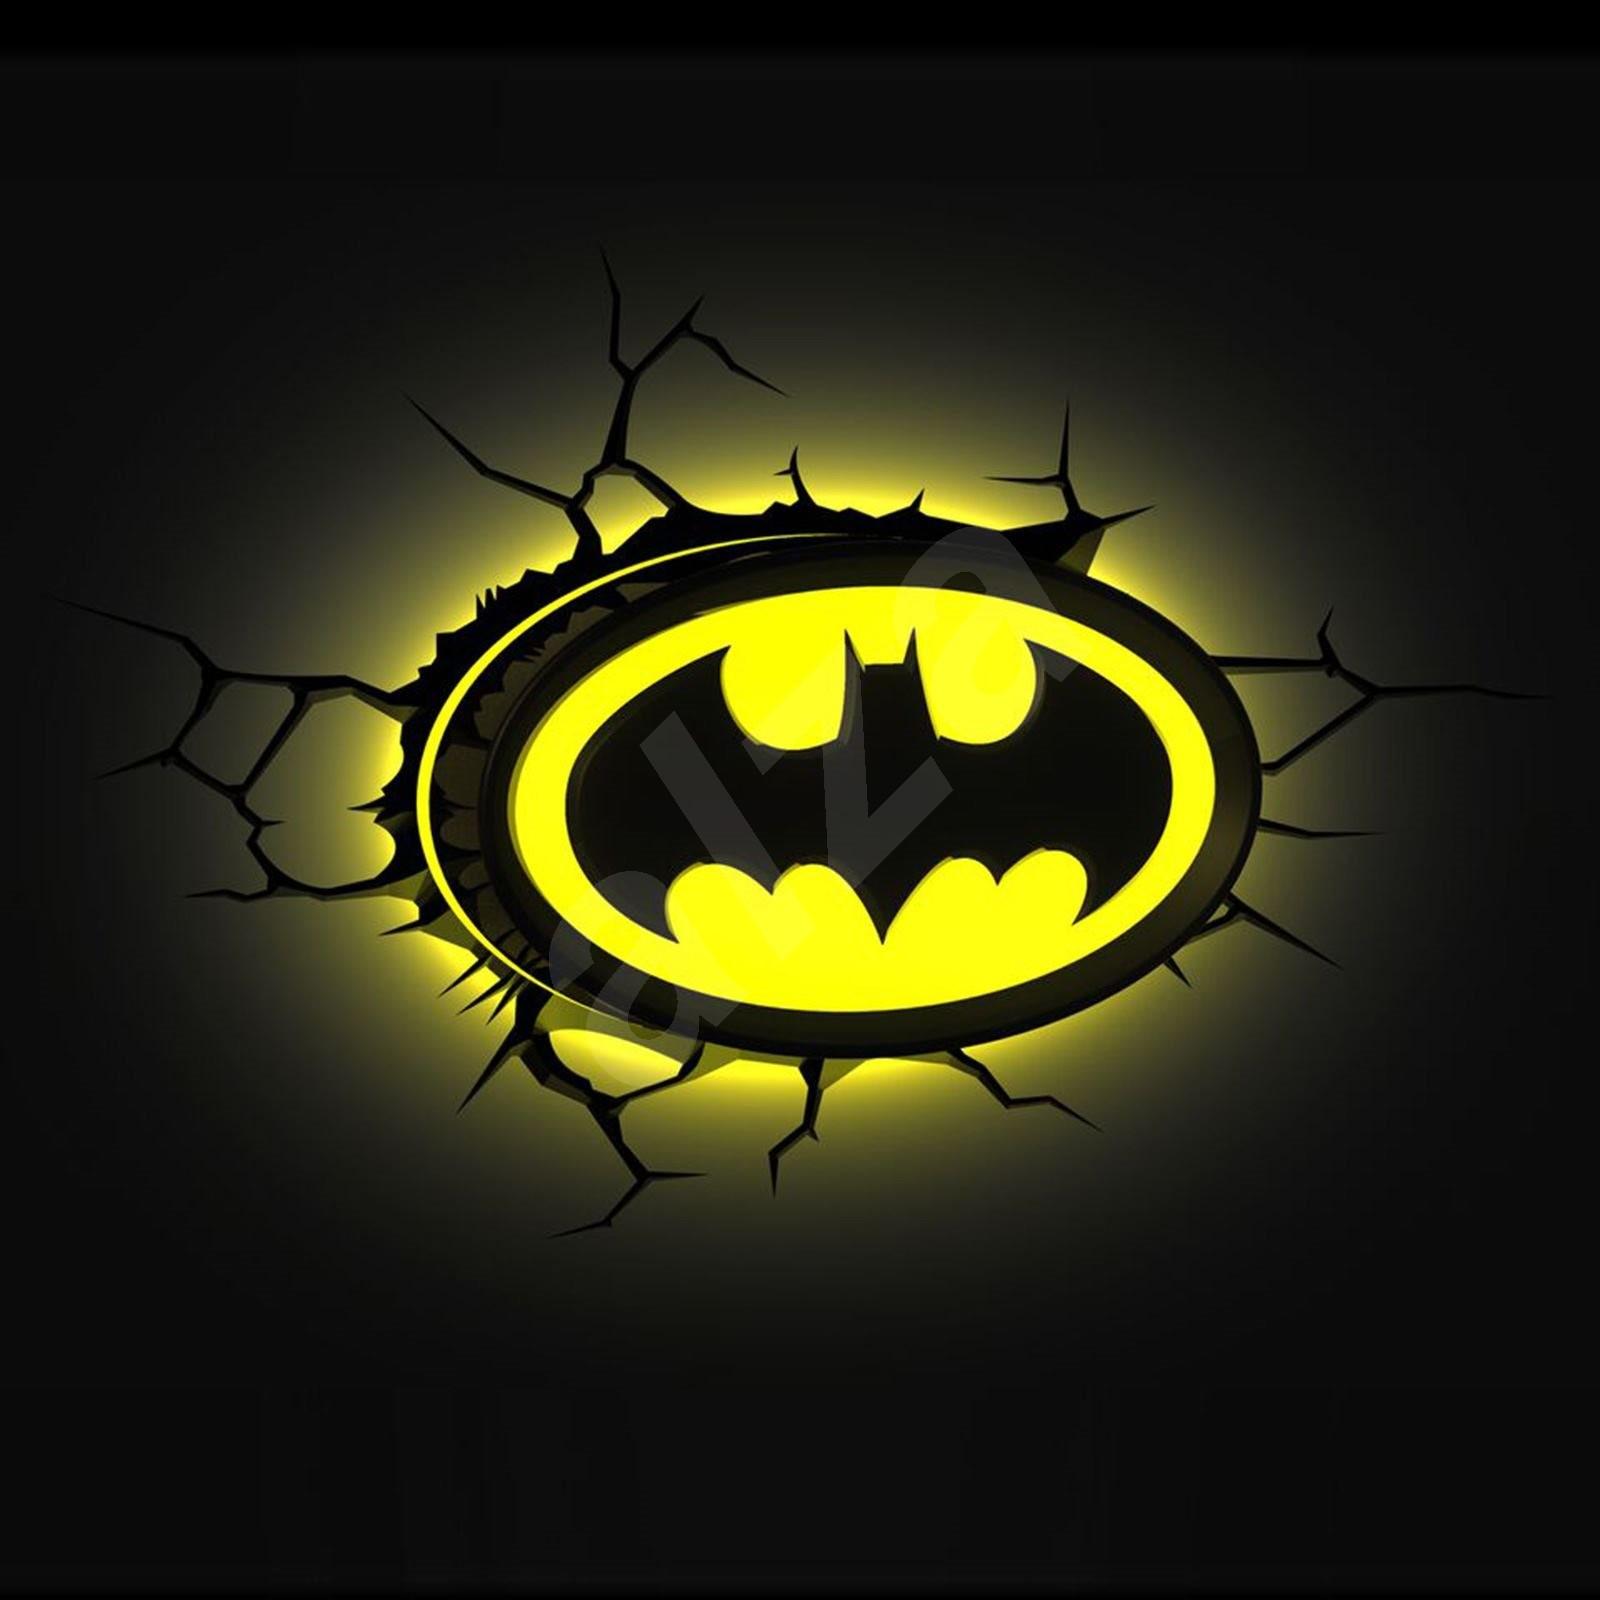 3d licht batman logo kinderzimmer beleuchtung - Licht kinderzimmer ...